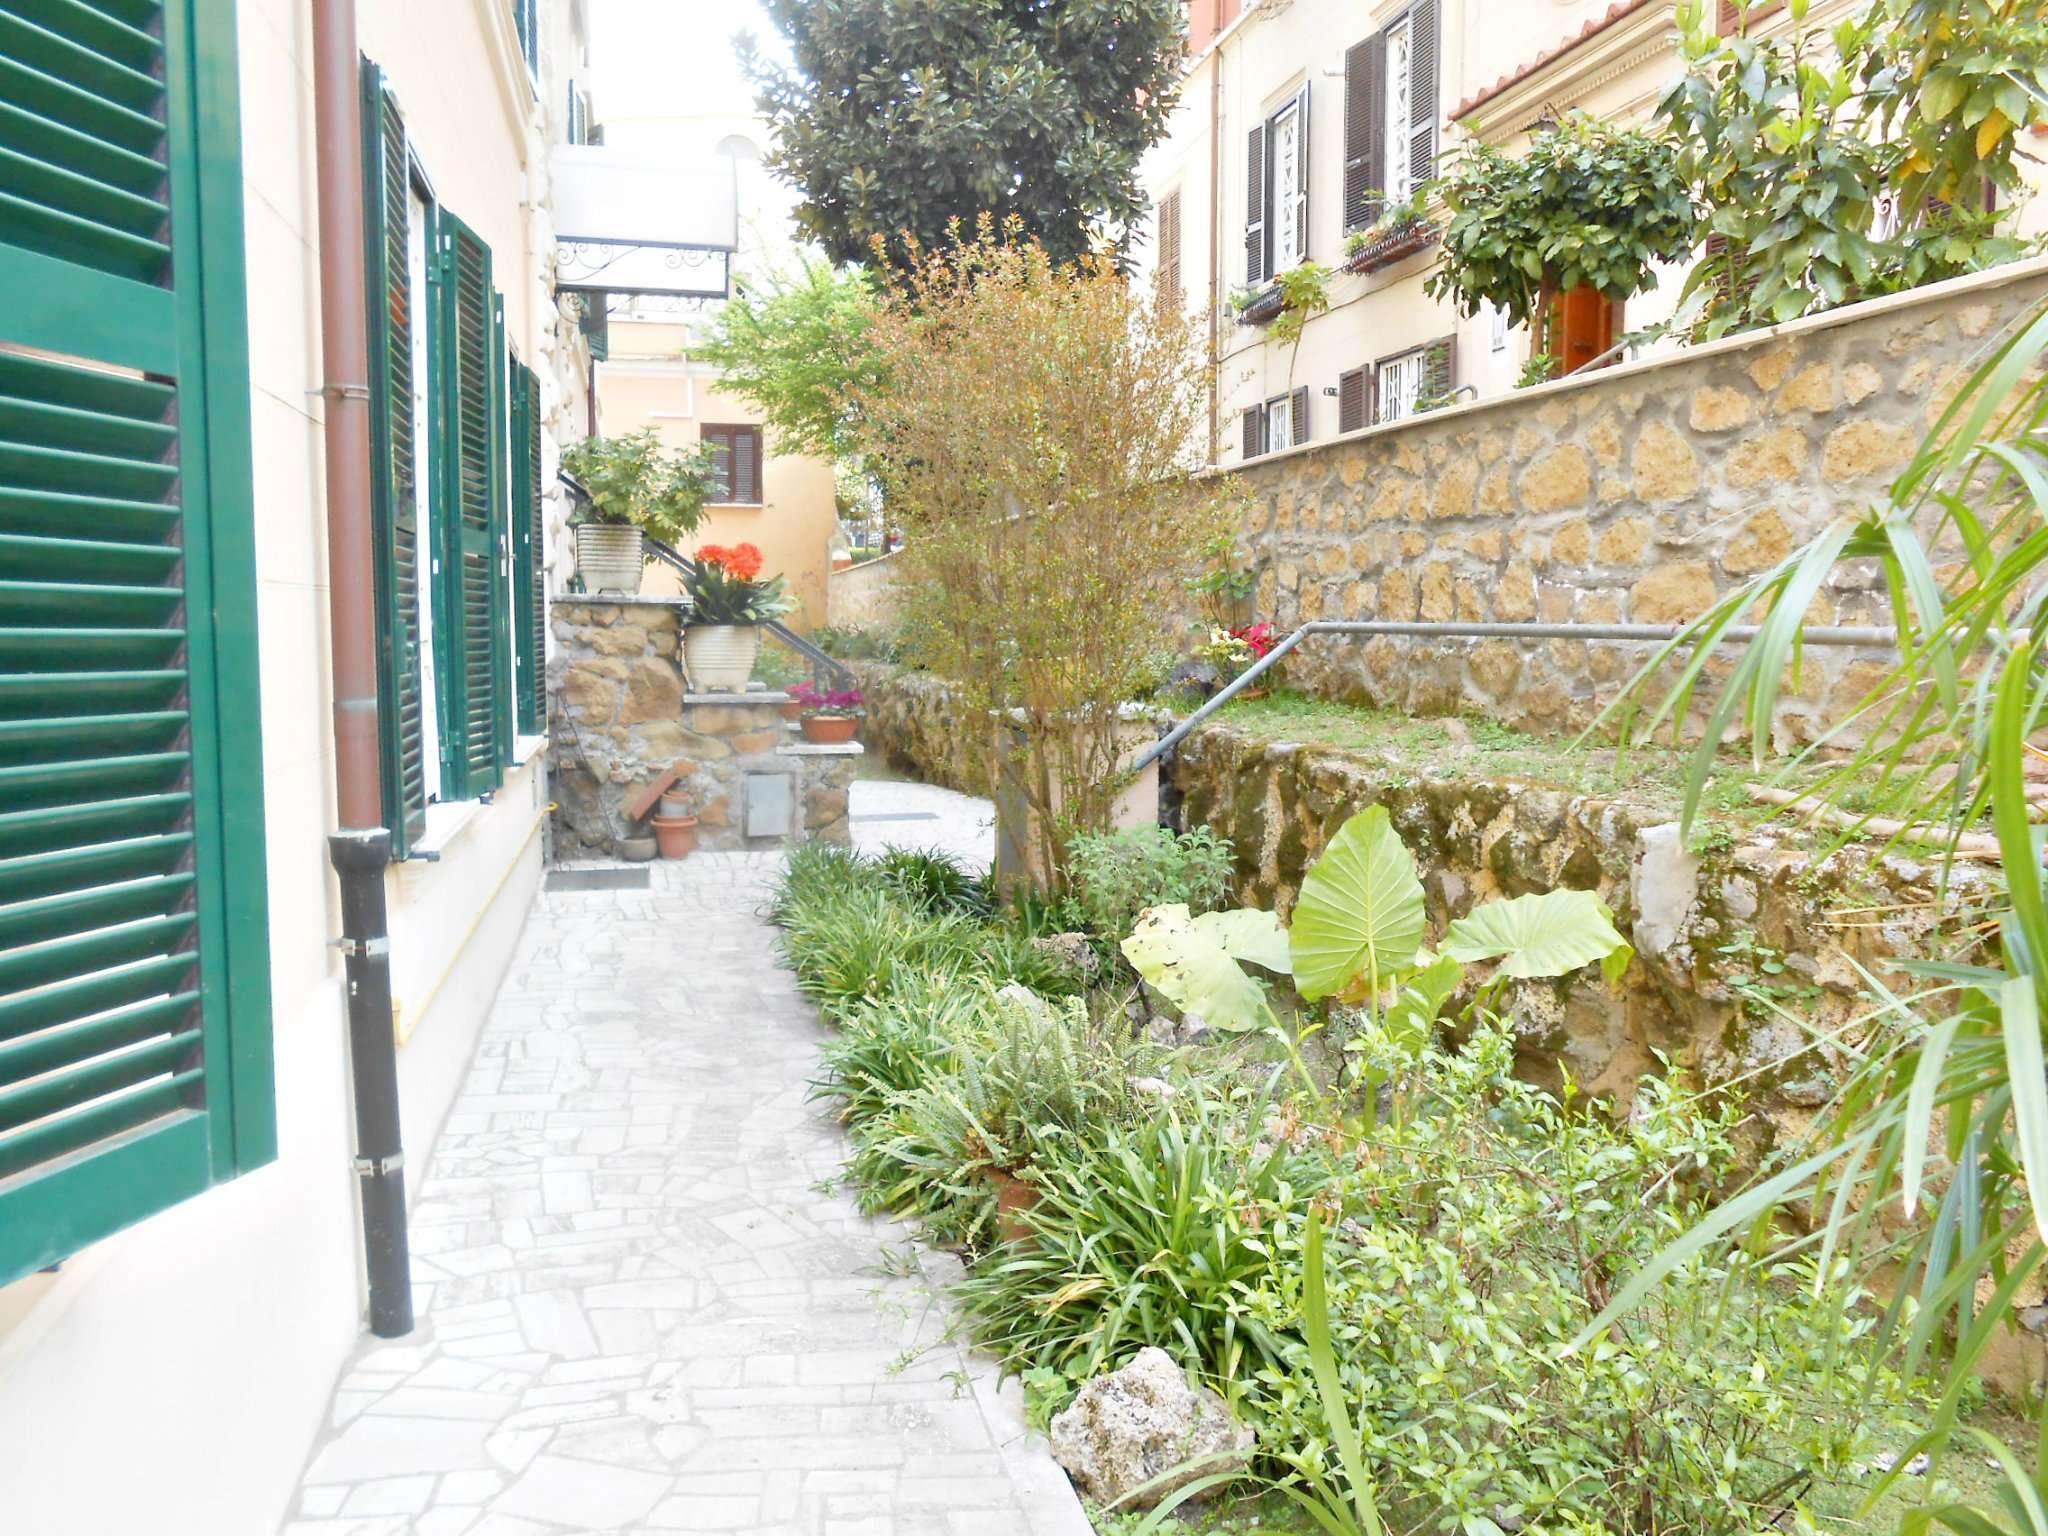 In Affitto - Transitorio a Roma Trilocale